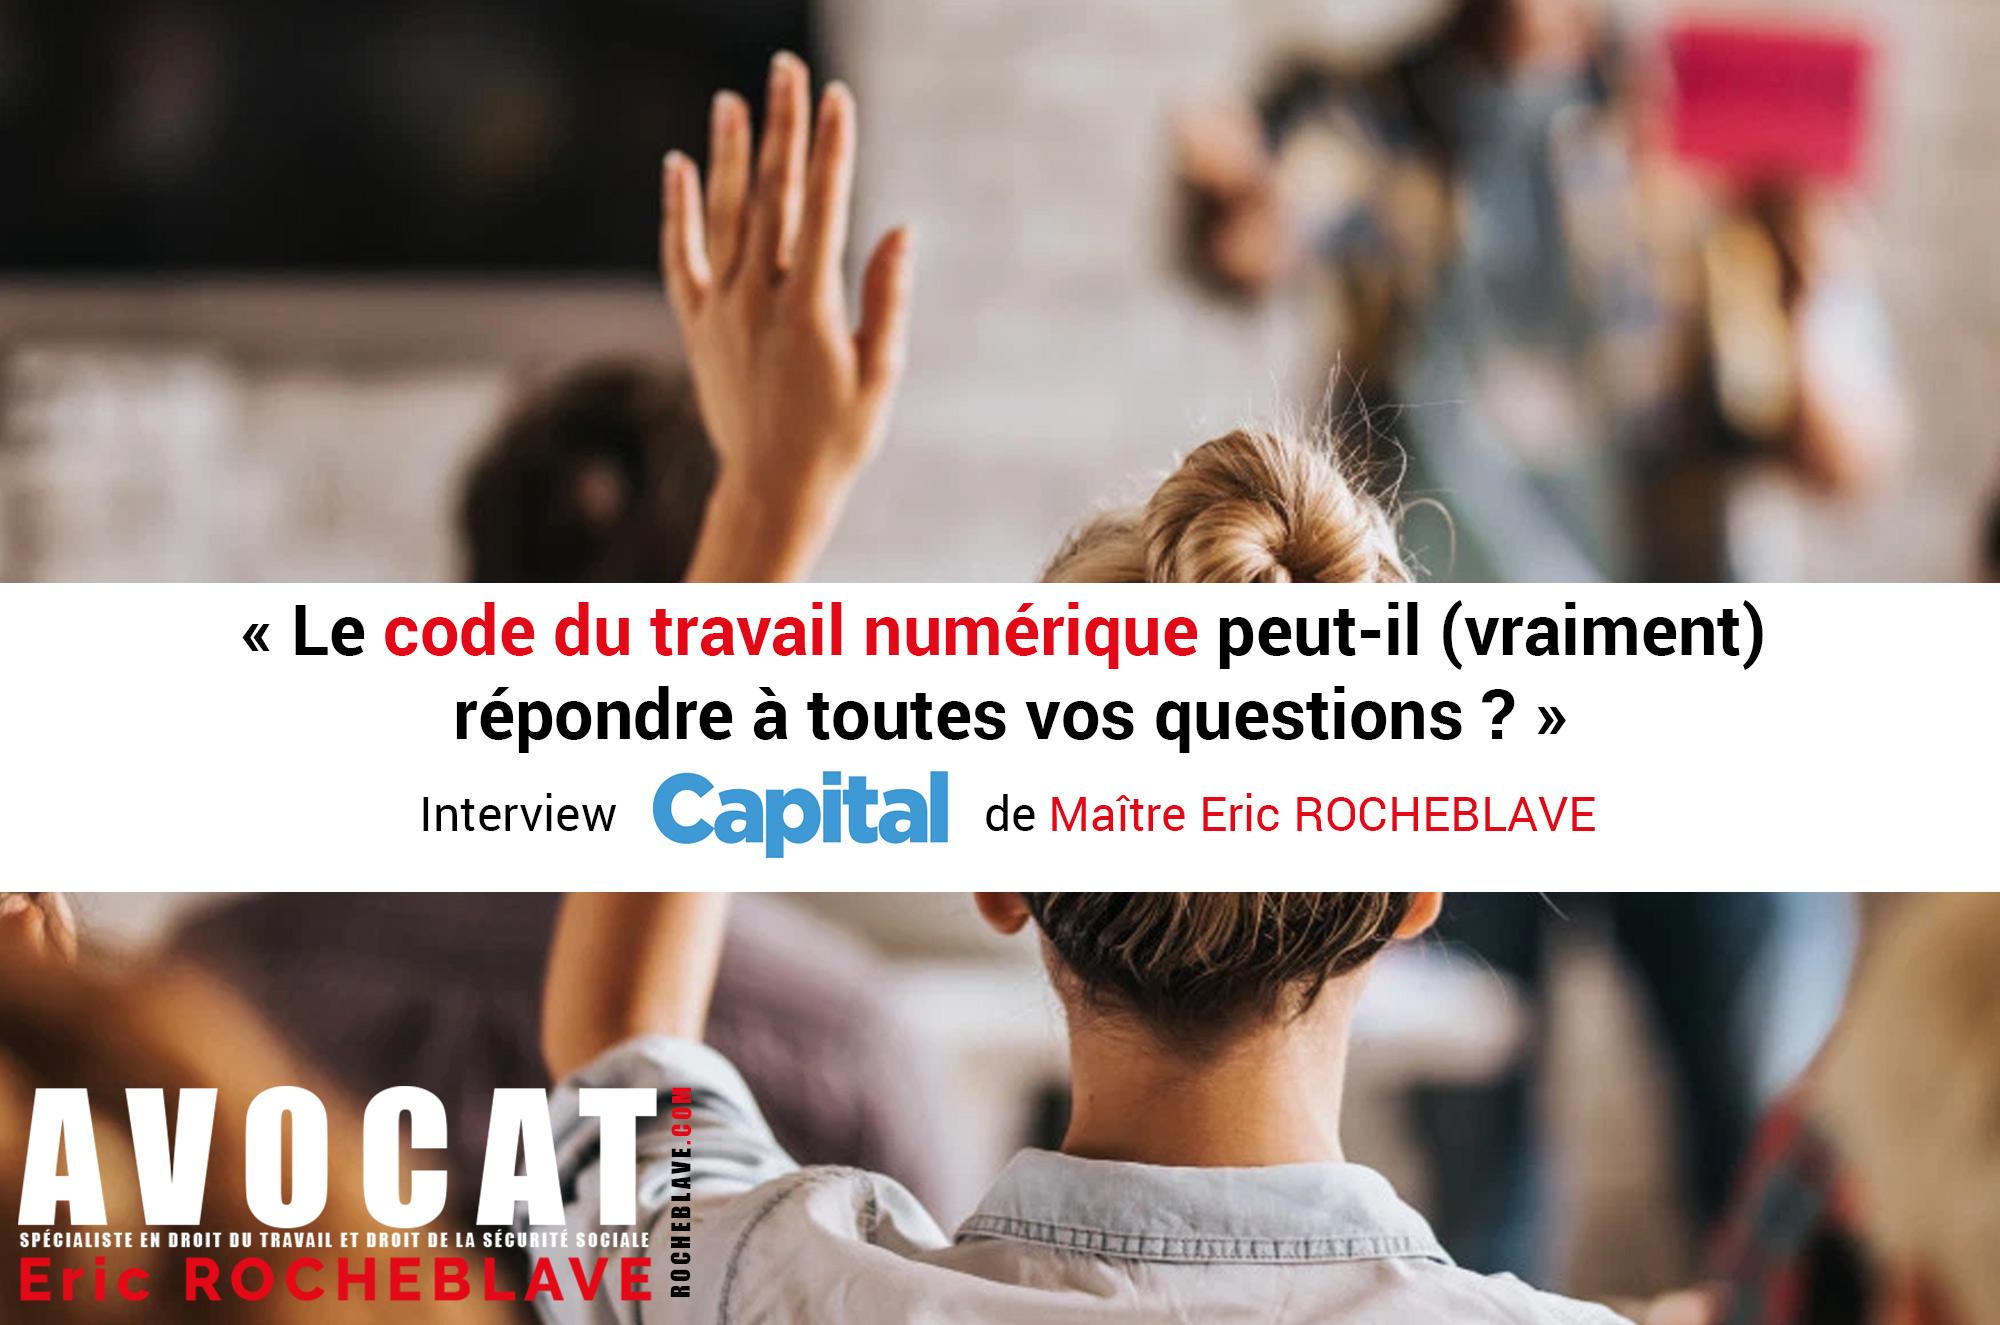 « Le code du travail numérique peut-il (vraiment)  répondre à toutes vos questions ? »  Interview Capital de Maître Eric ROCHEBLAVE